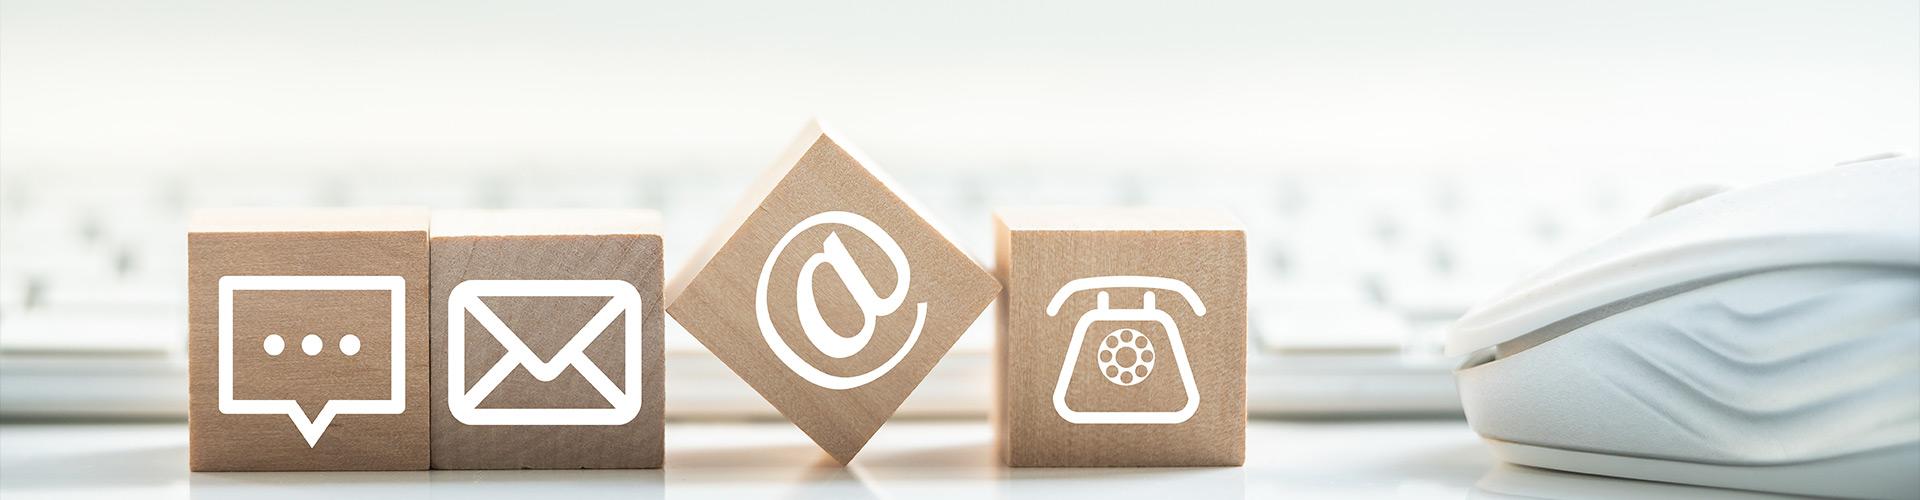 Kontakt zu CMP-Pedotec. Im Bild: Klötzchen mit Kontaktsymbolen